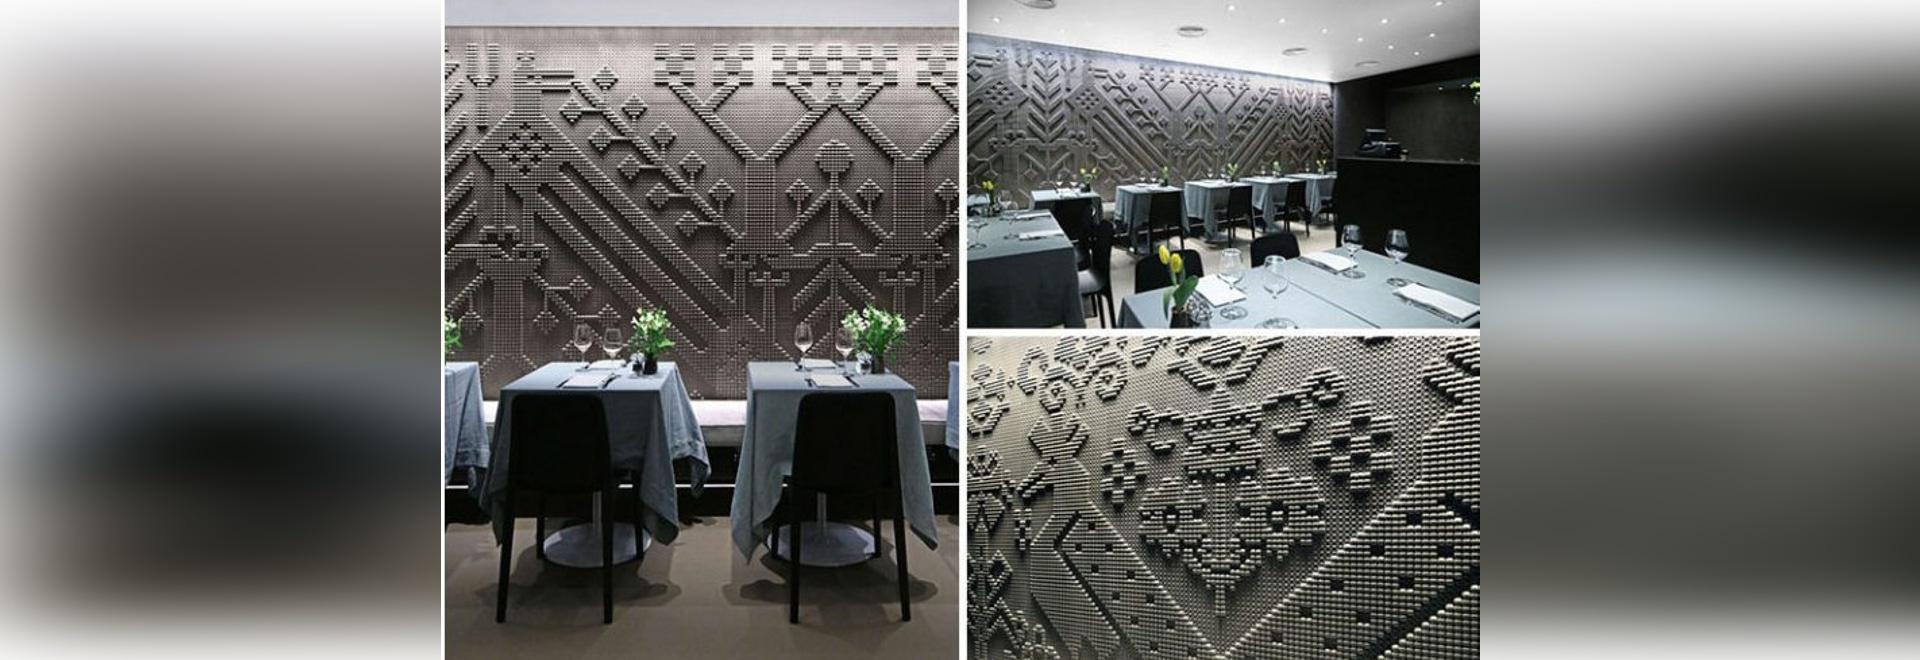 Les tapisseries en pierre ciselées couvrent les murs de ce restaurant à Londres